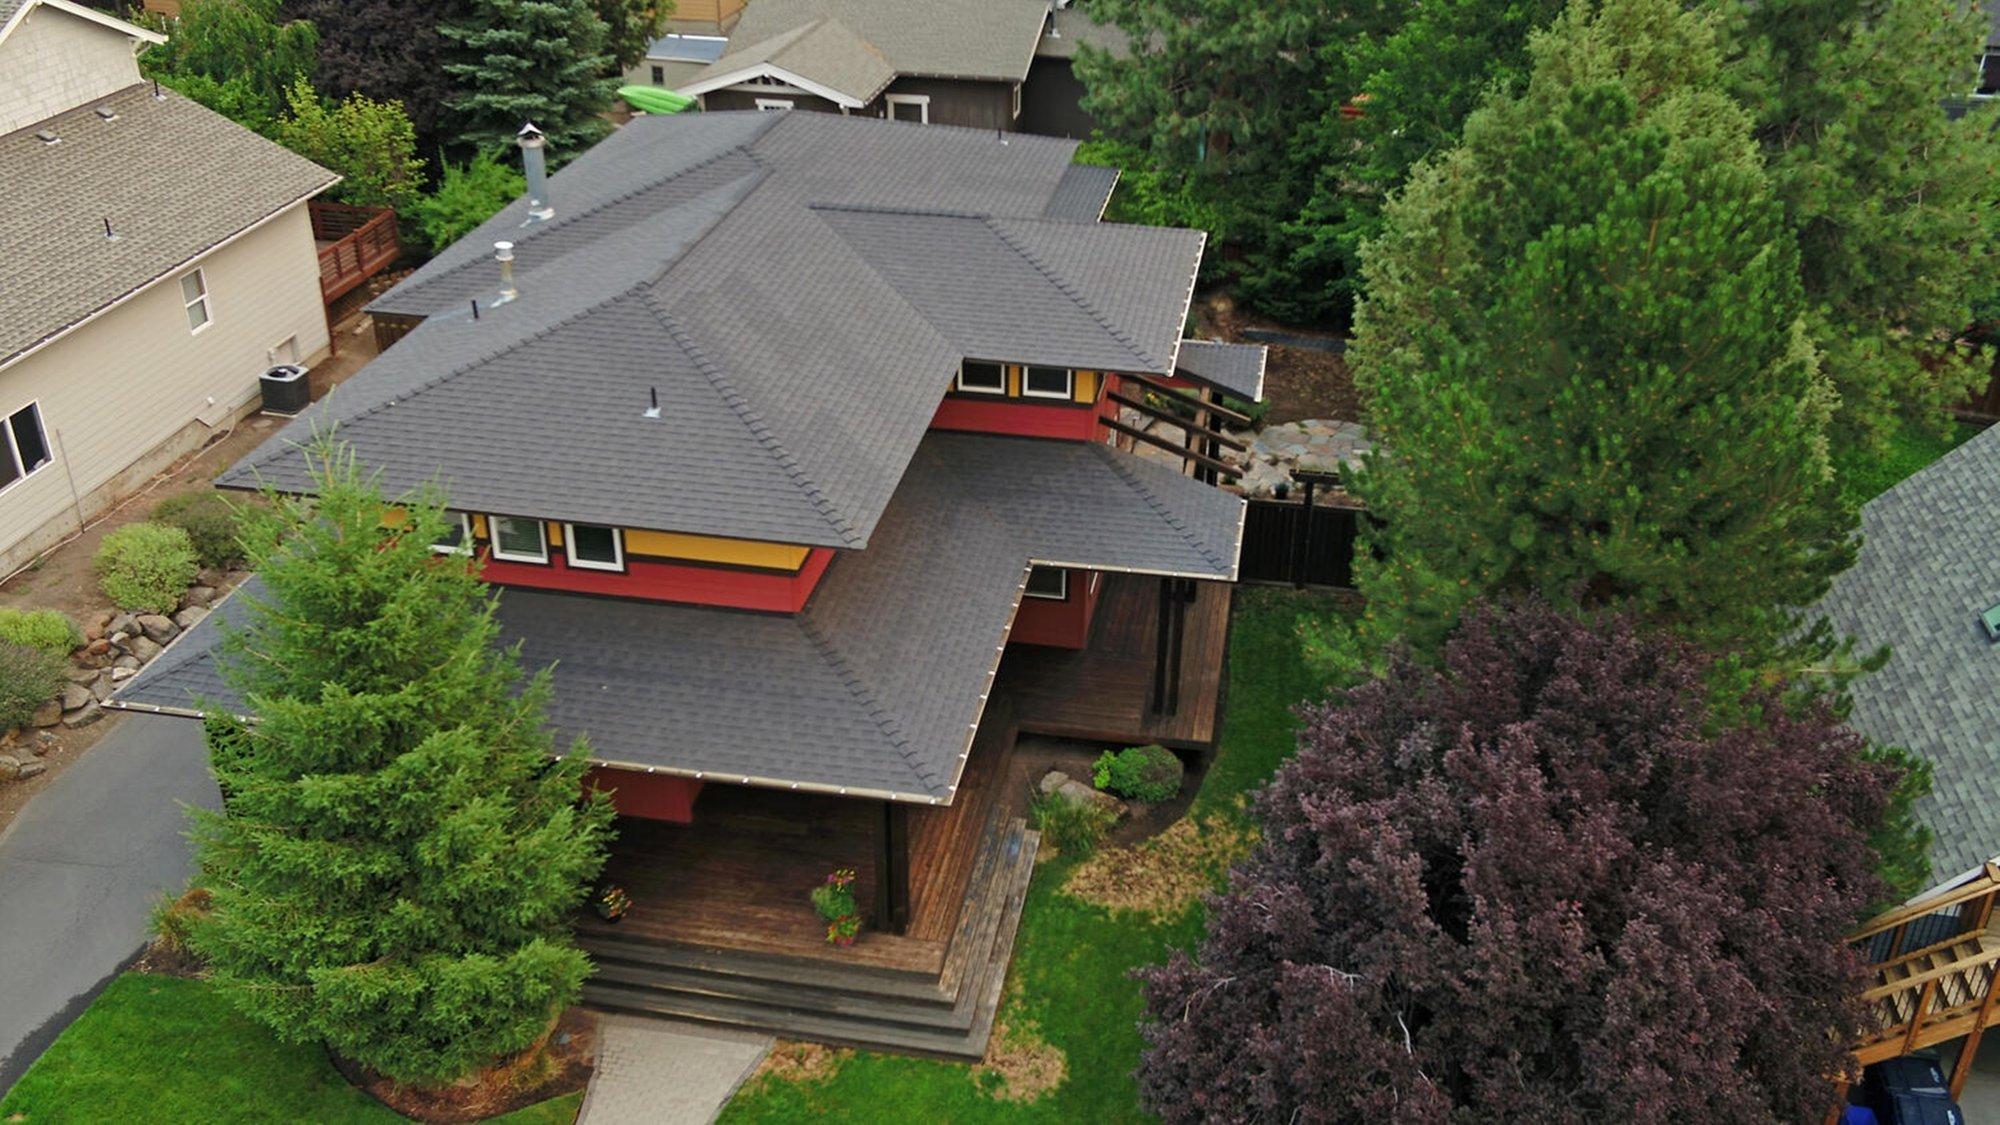 Maison à Bend, Oregon, États-Unis 1 - 11579468